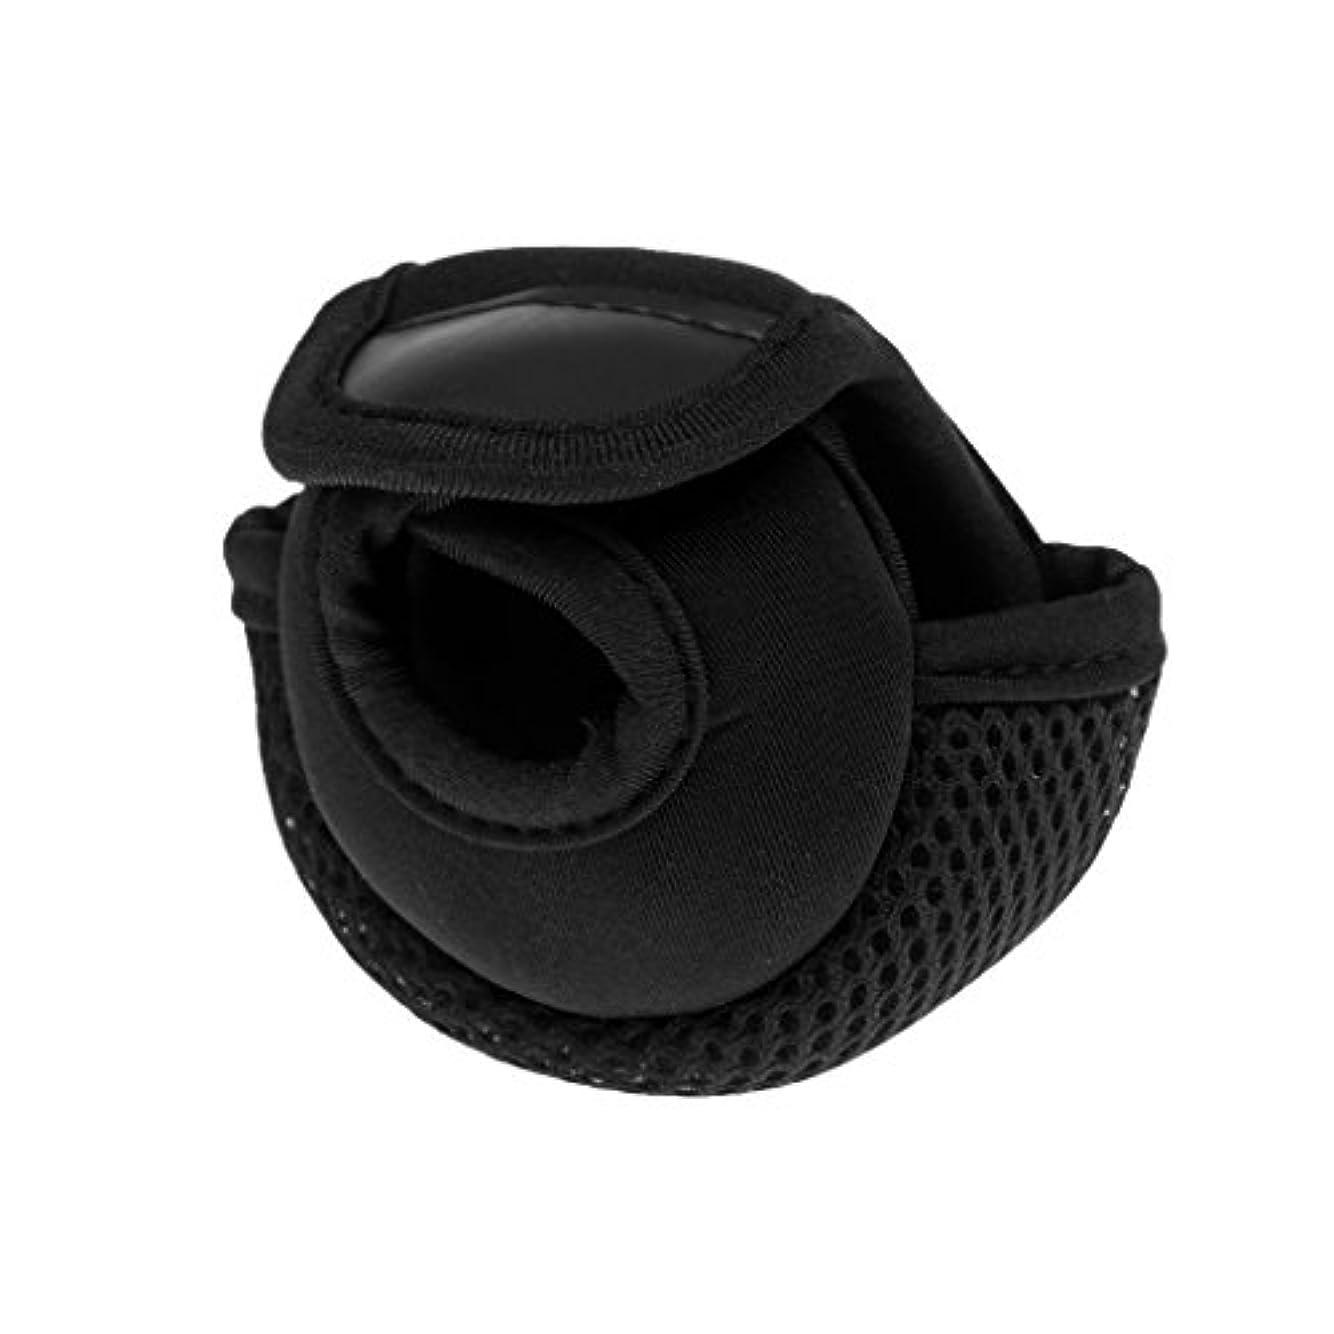 コンソールスパイラルトーンFenteer 2カラー選択 耐摩耗 釣りリールカバー 保護ポーチ バッグ ベイトキャスティングリール用 ブラック